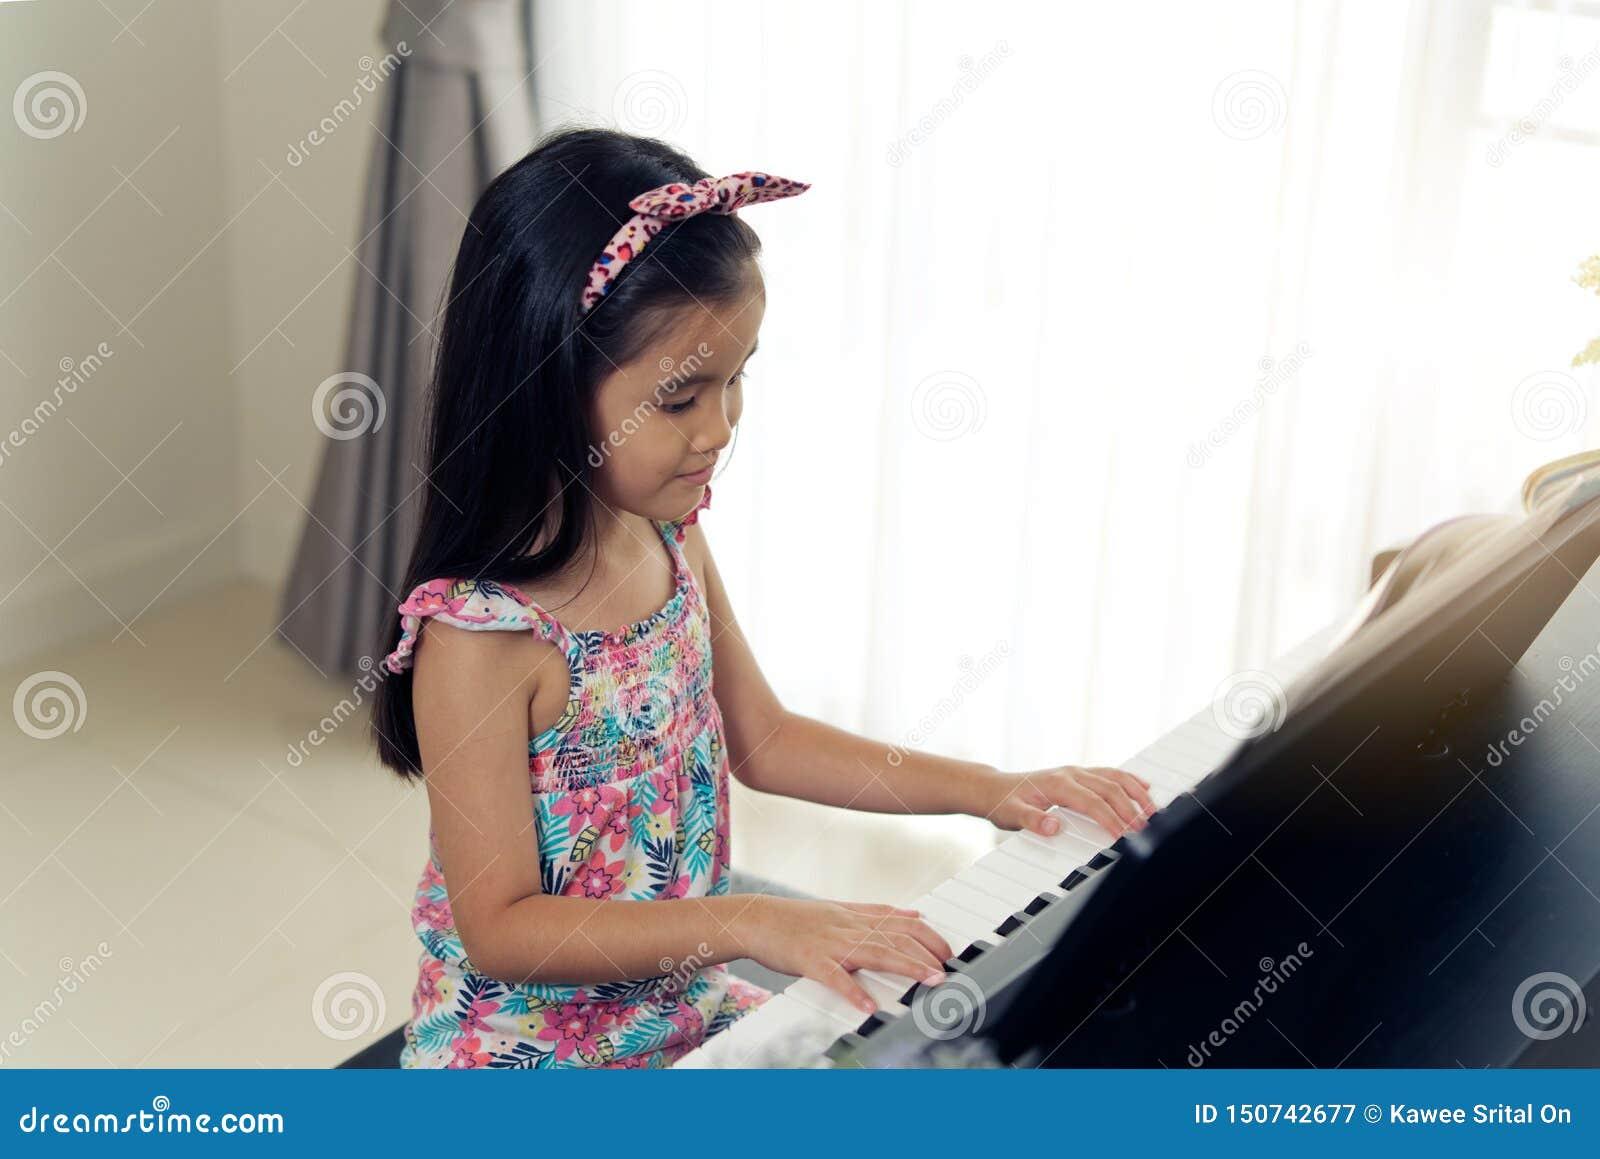 Pequeña muchacha linda asiática joven que juega el piano electrónico en casa